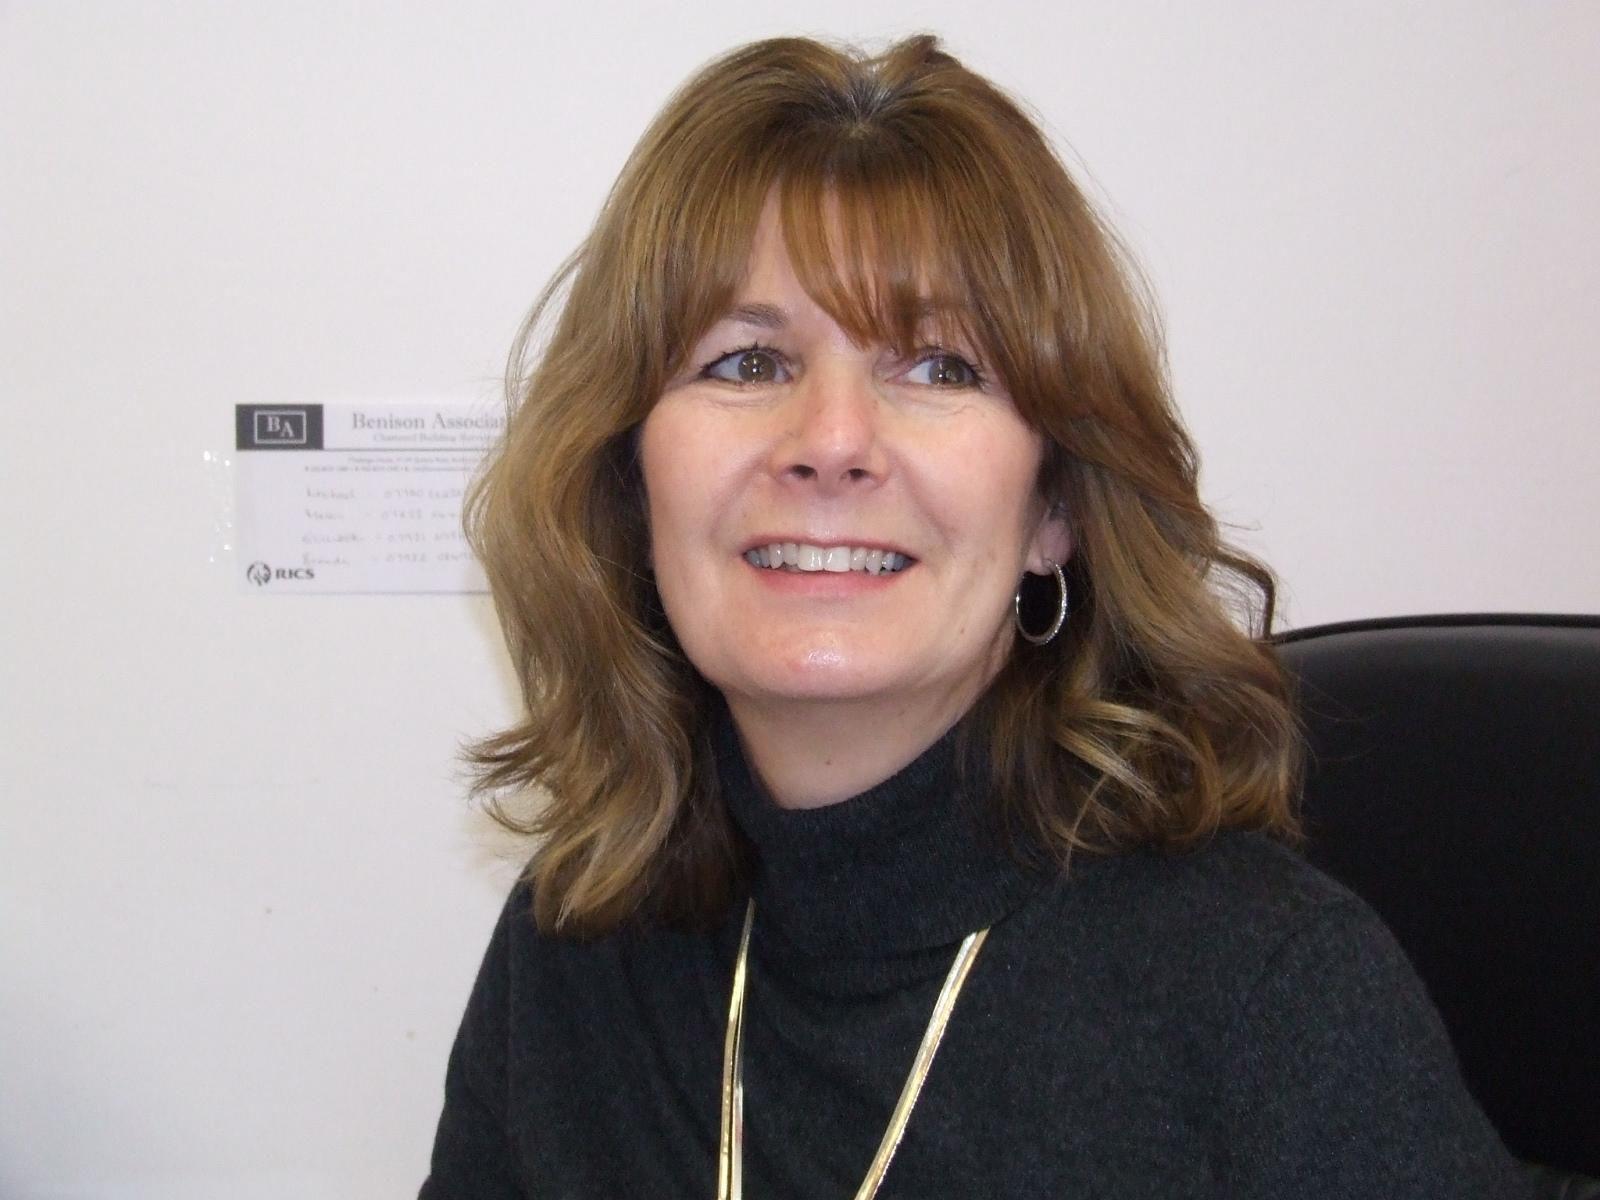 Elisabeth Sutton